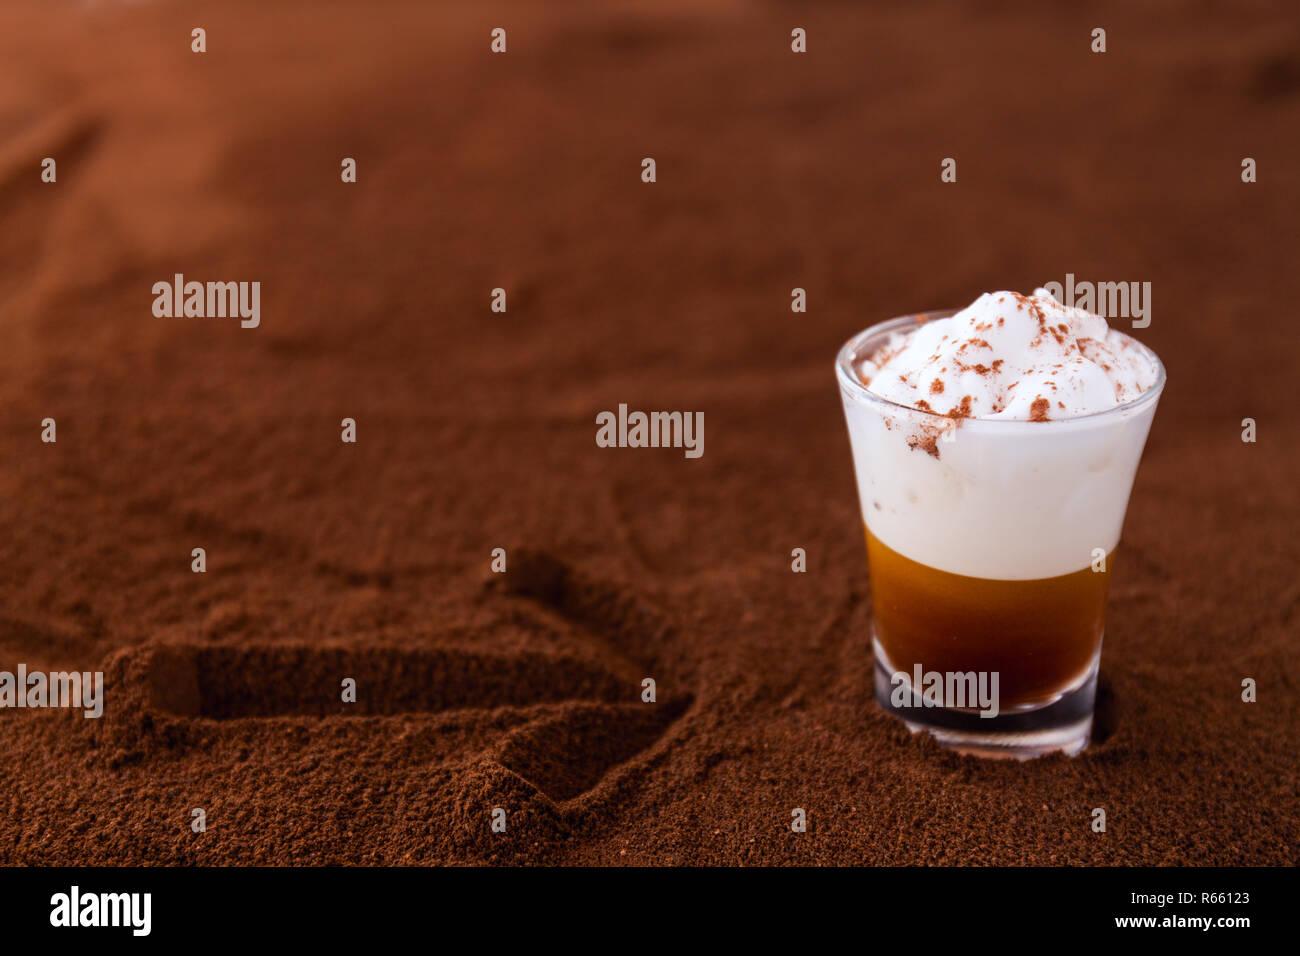 Poco taza de piccolo latte macchiato sobre una mesa cubierta con una flecha sobre el café molido como fondo Foto de stock